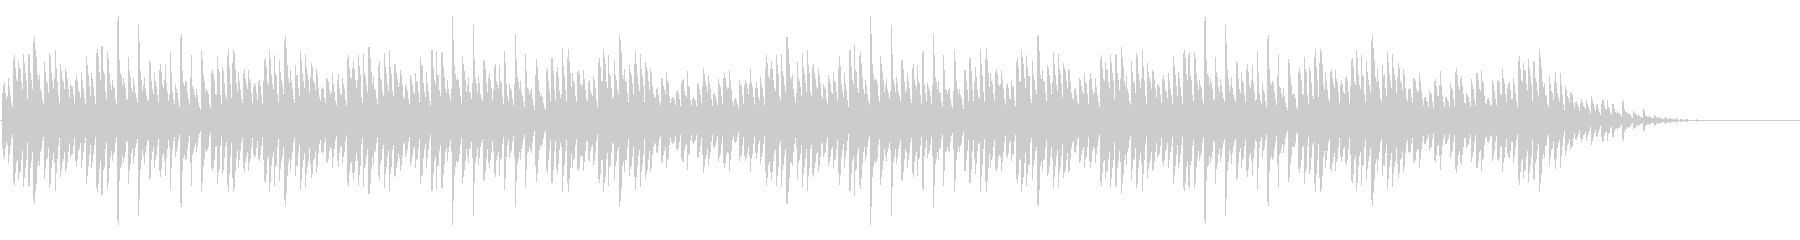 「大きな栗の木下で」シンプルなピアノソロの未再生の波形